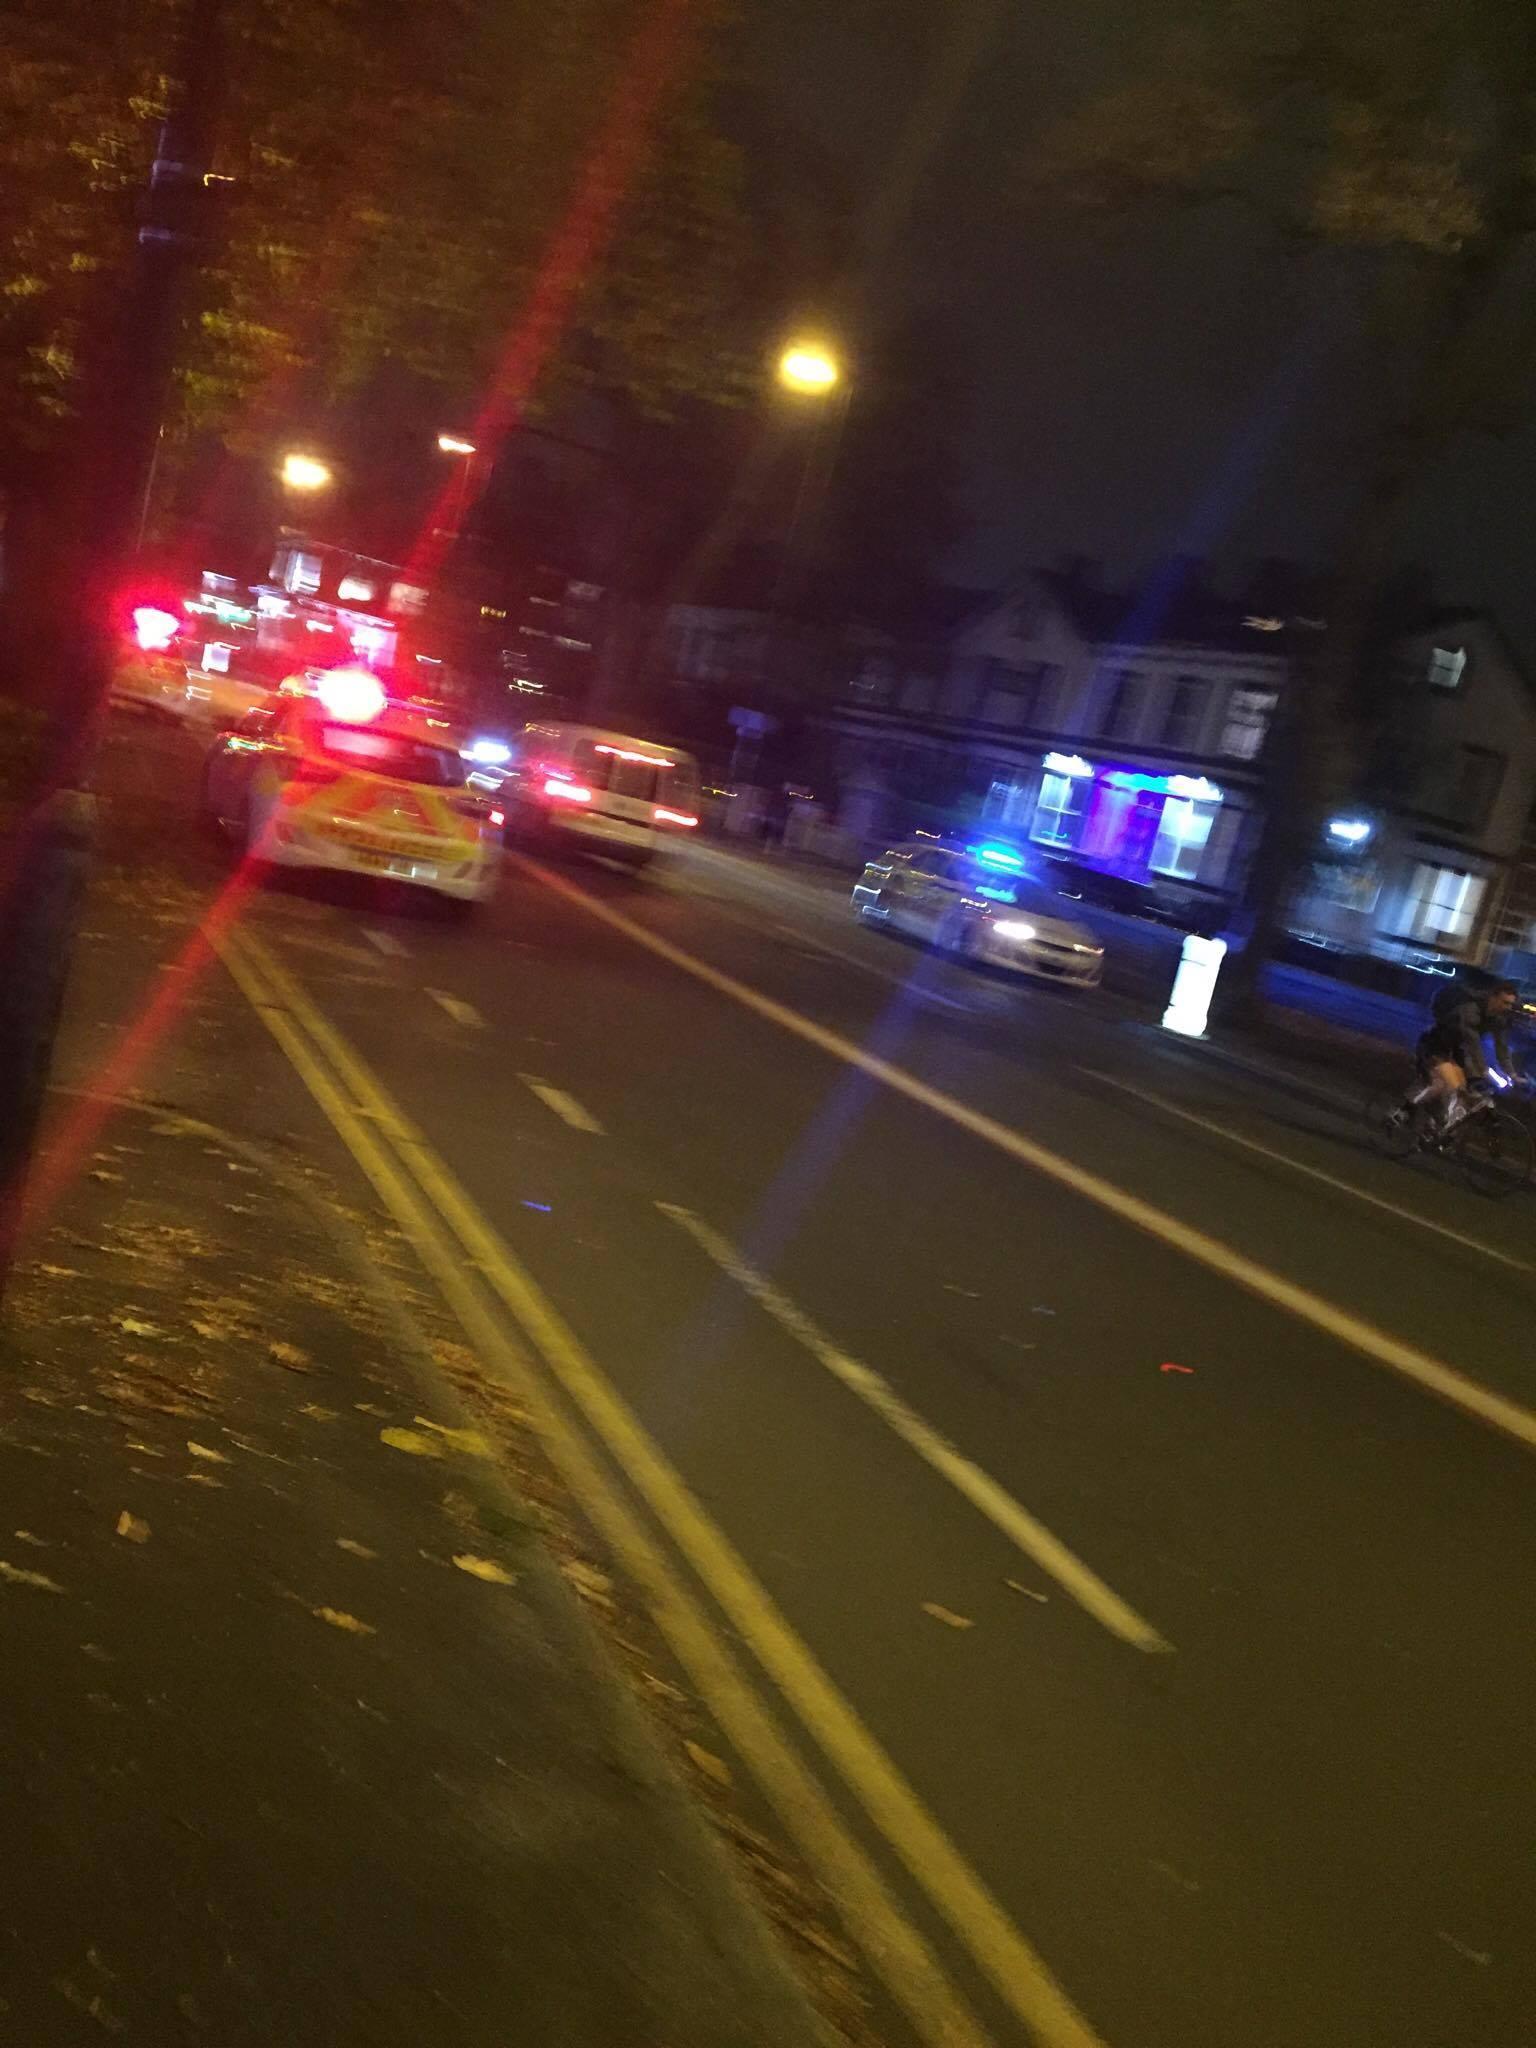 Police presence in Fallowfield last night